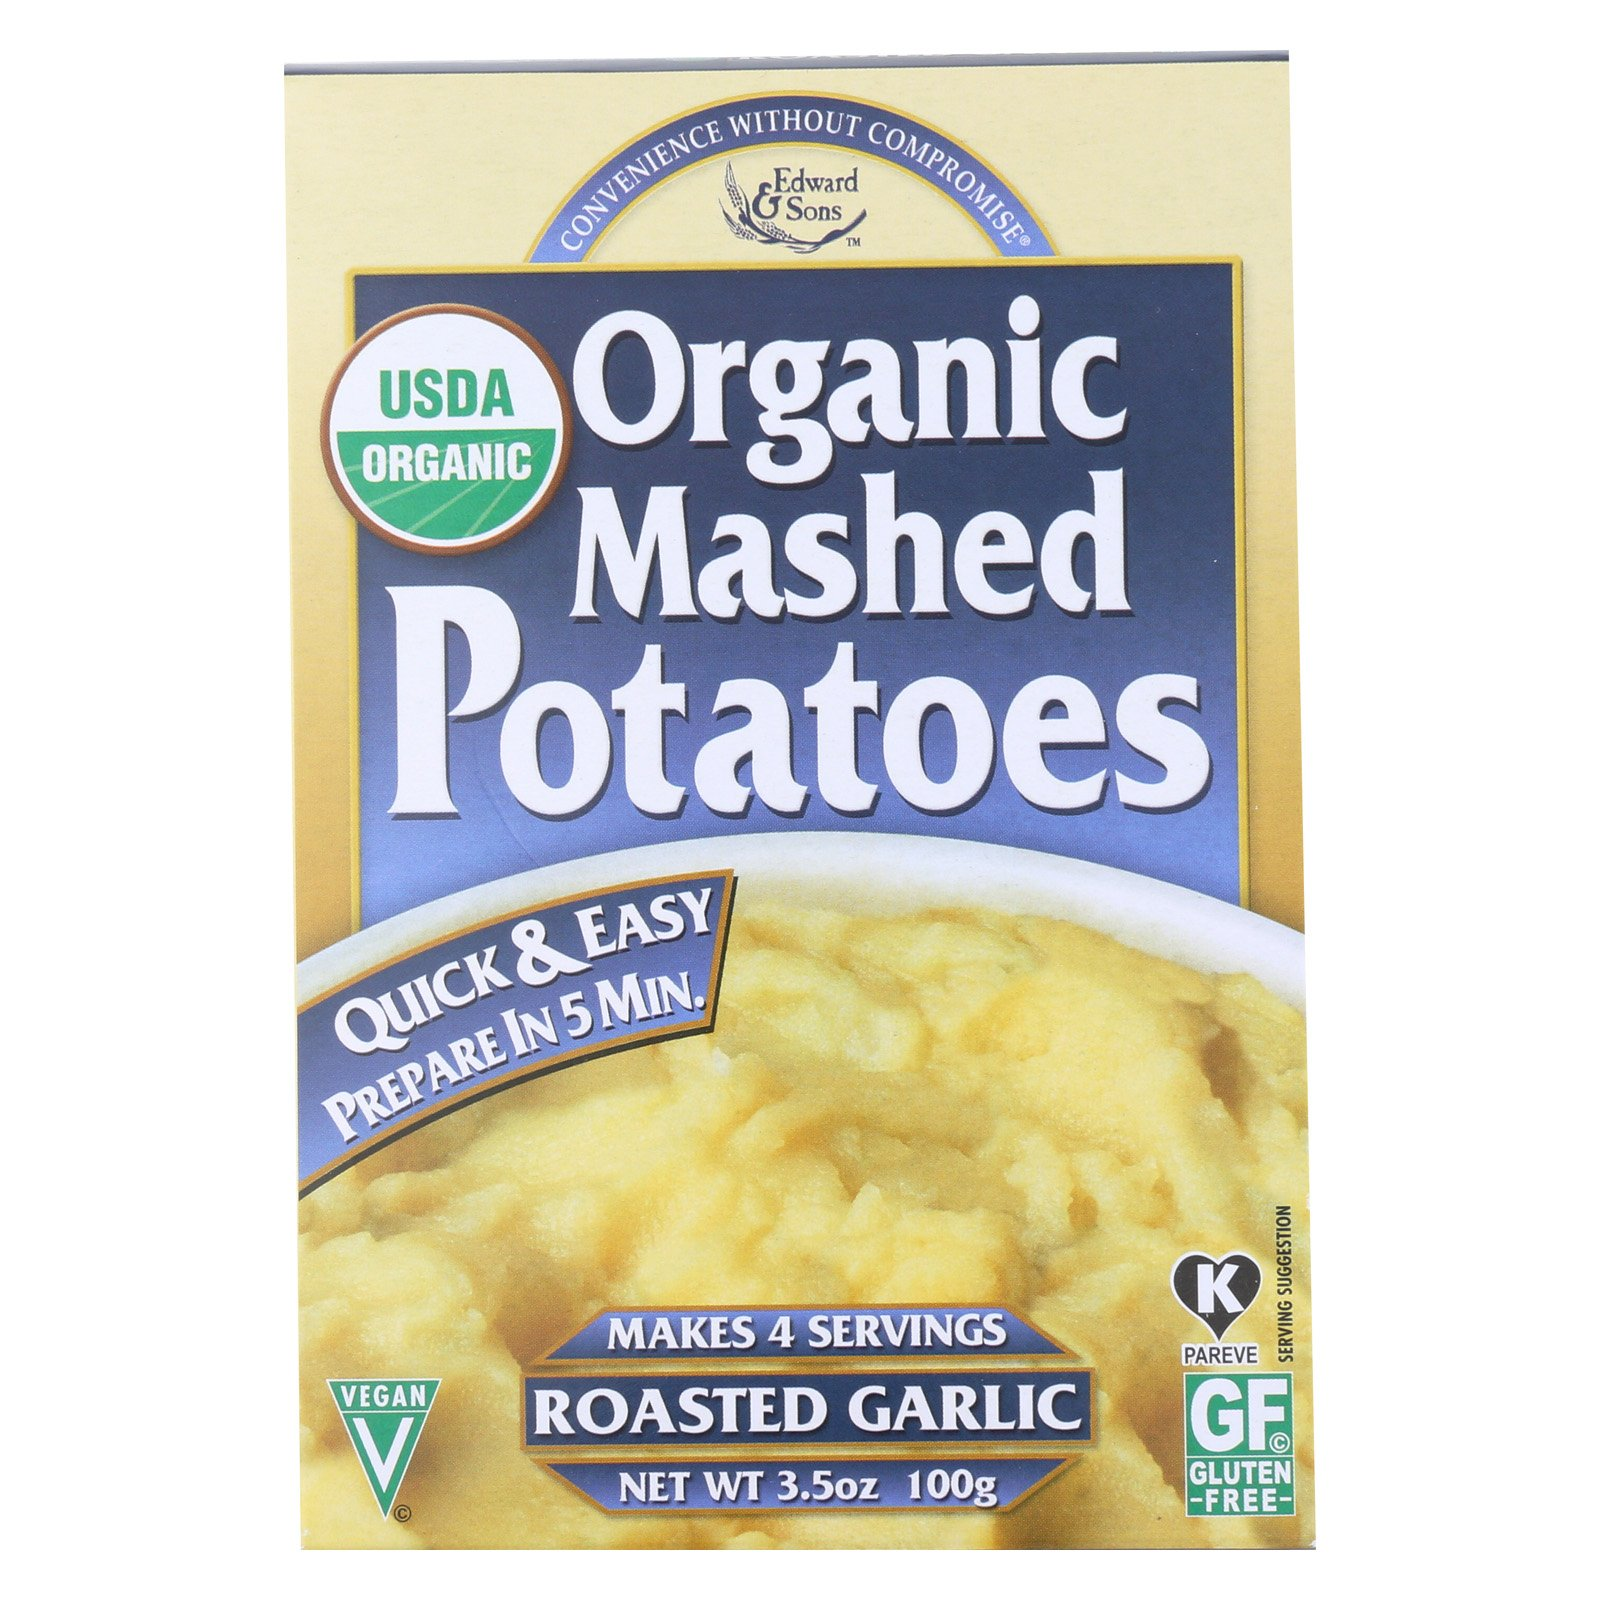 Edward and Sons Organic Mashed Potatoes - Roasted Garlic - Case of 6-3.5 oz.